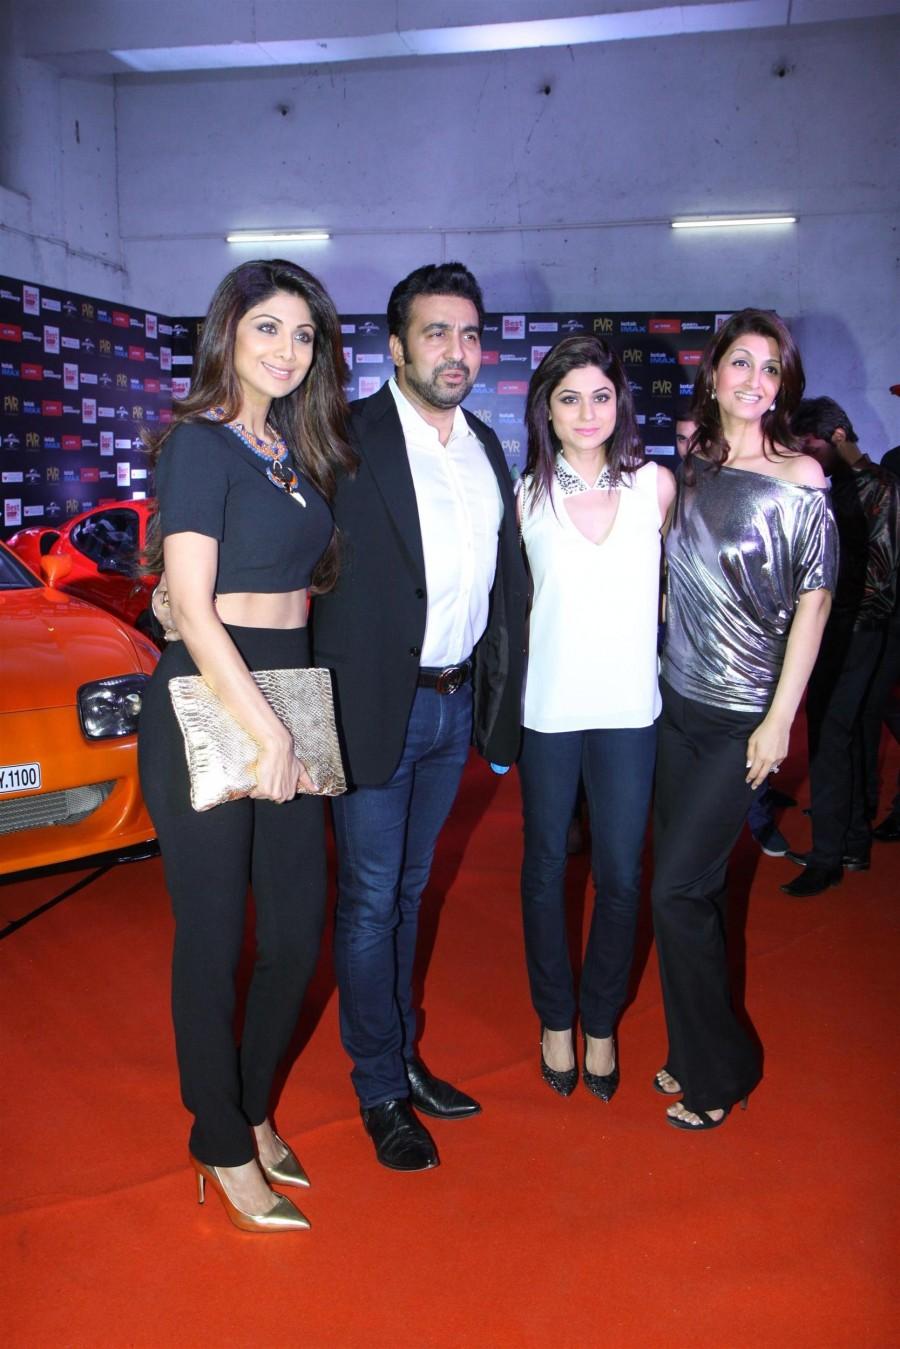 Shilpa Shetty,Raj Kundra,Shamita Shetty,Fast & Furious,Fast & Furious movie stills,Fast & Furious latest photos,Fast & Furious movie,Fast & Furious firstlook,Fast &amp